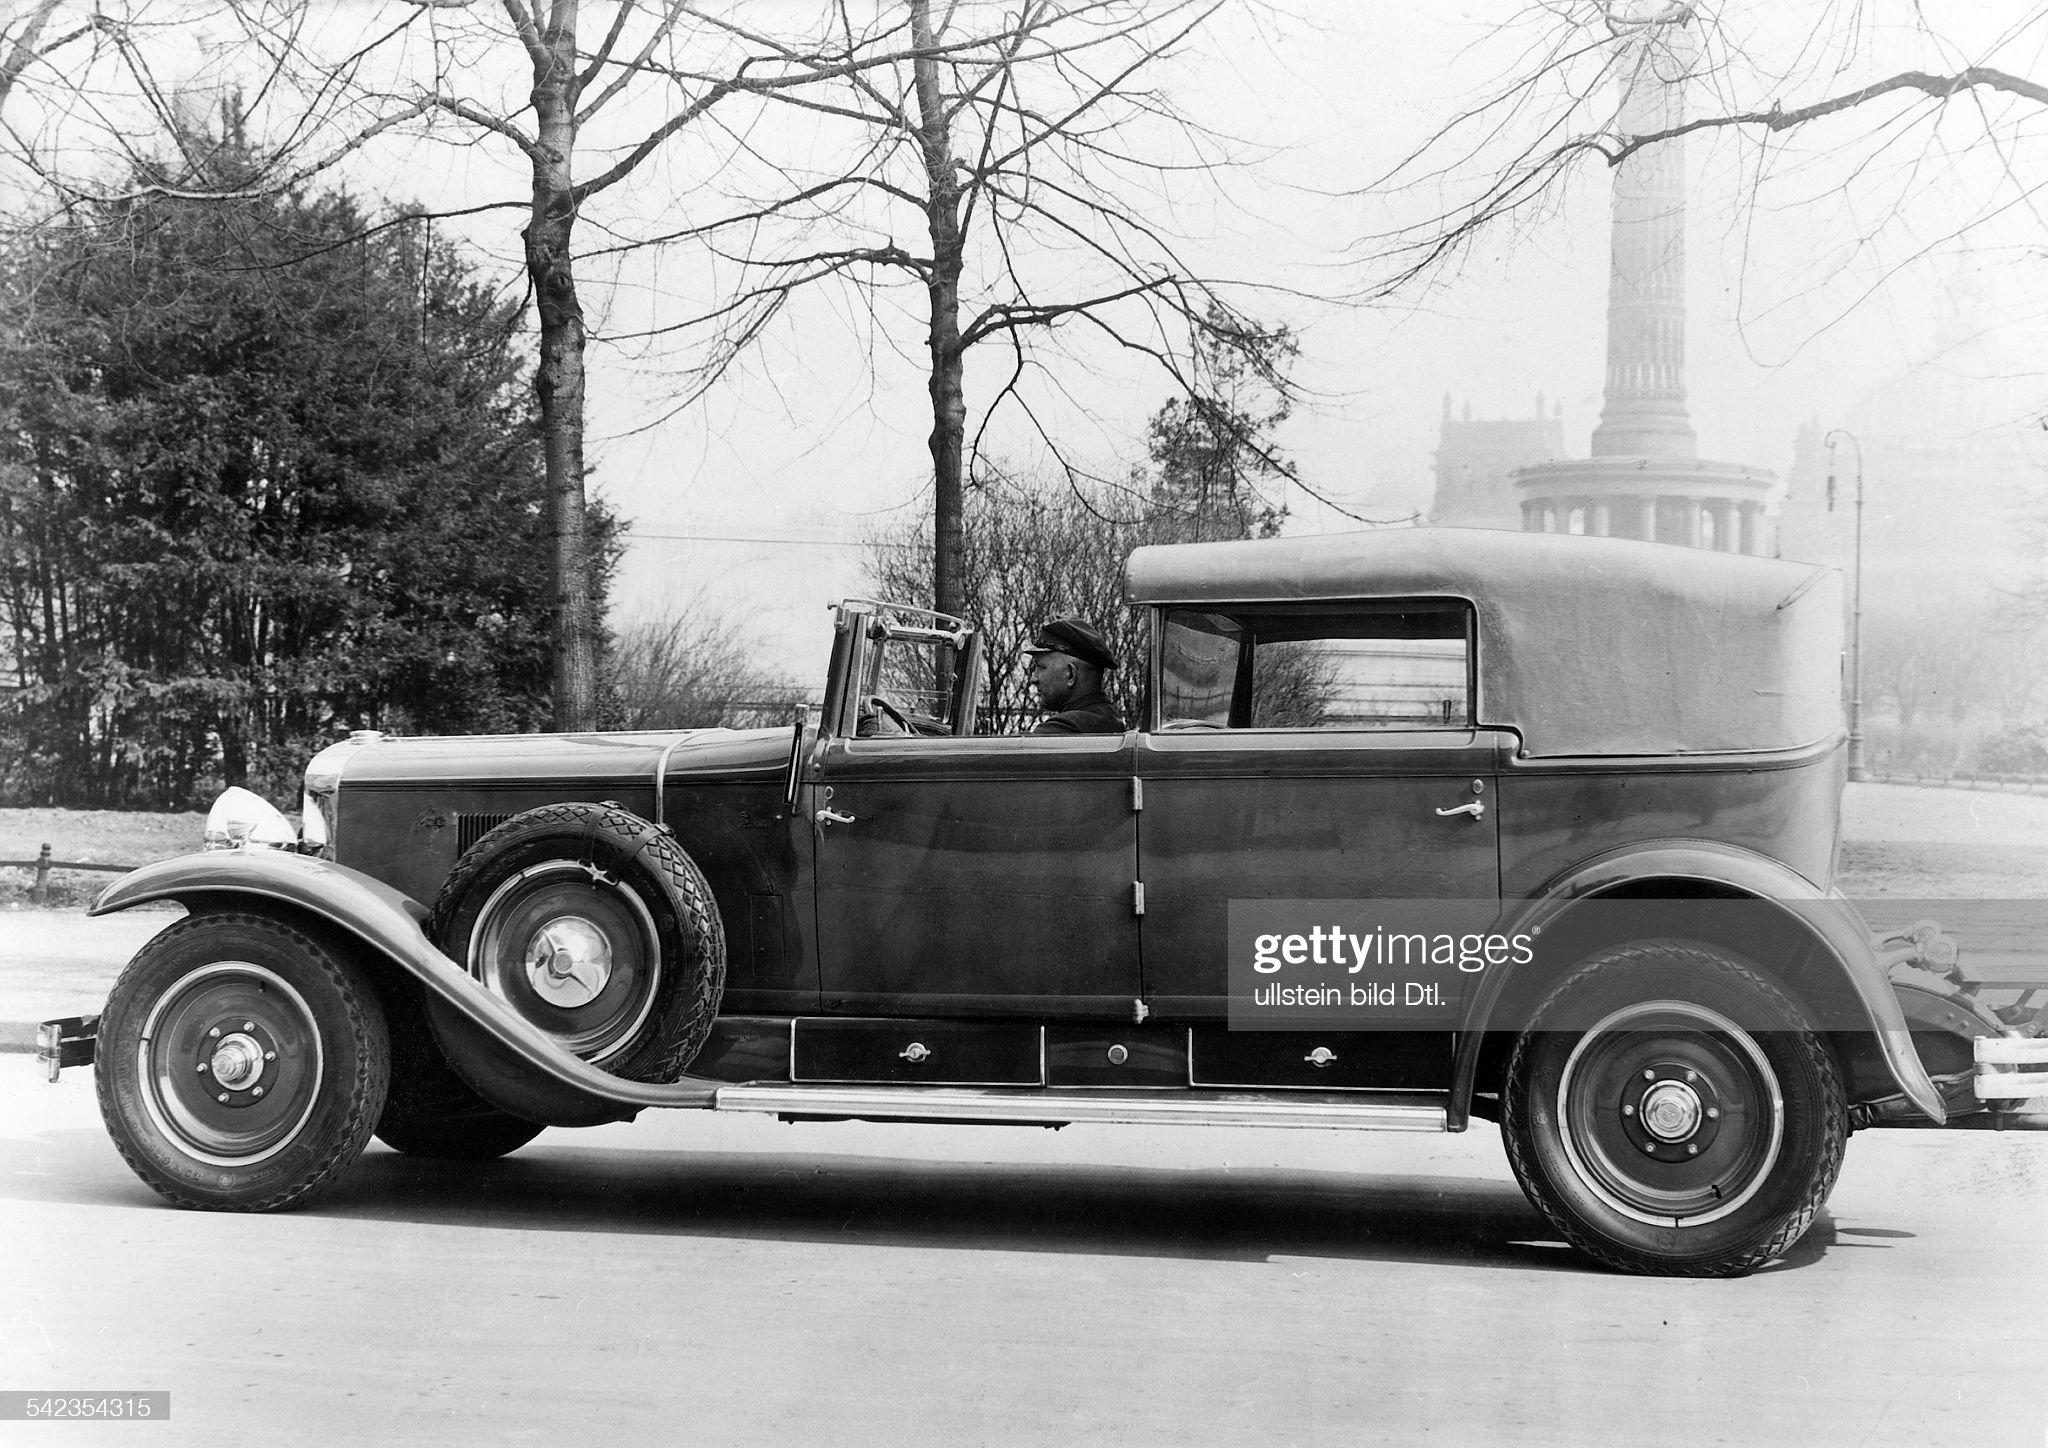 Luxuswagen : News Photo